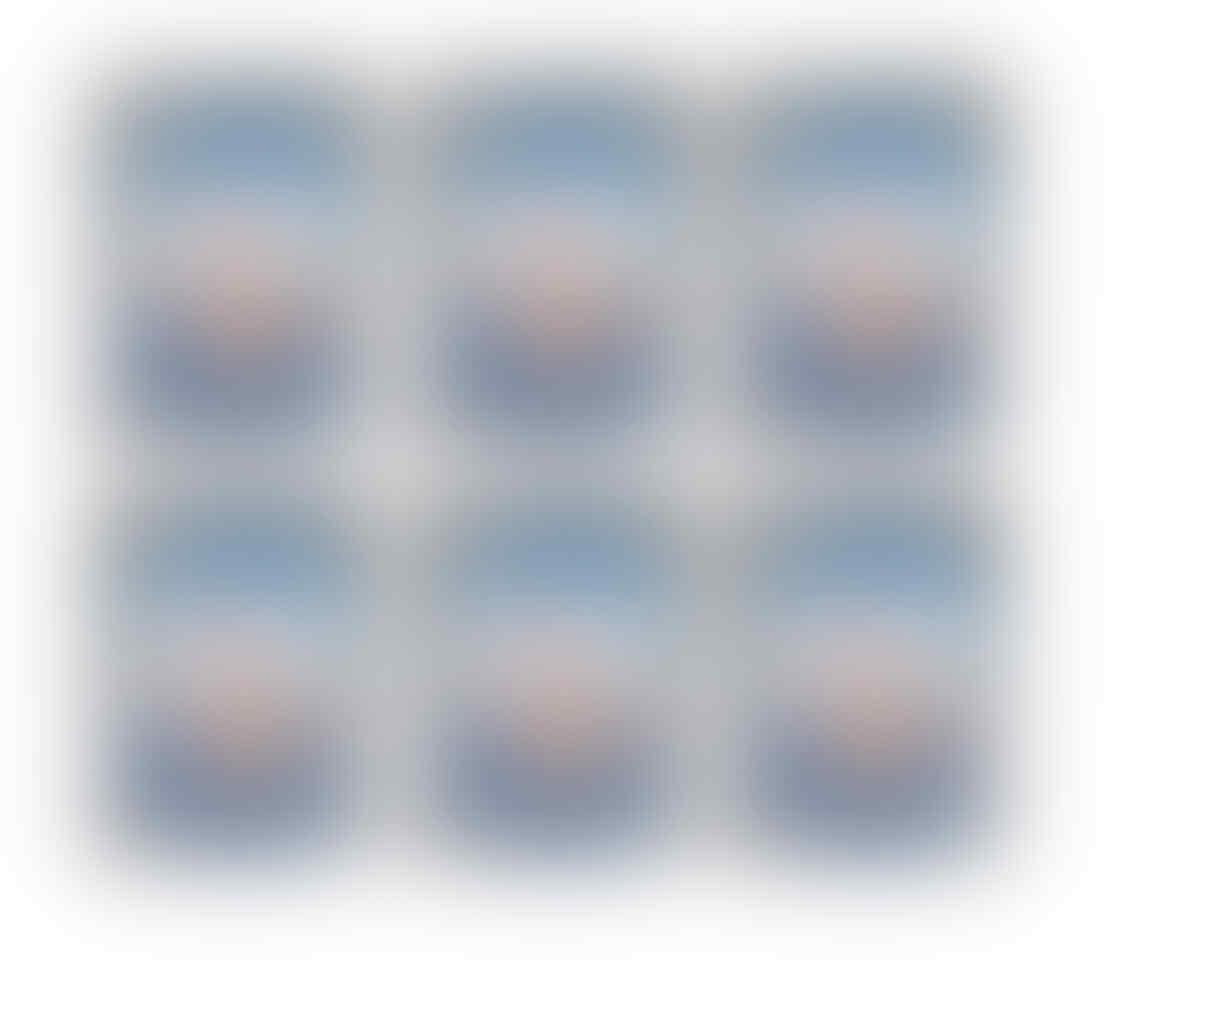 [boleh tanya] mengubah pas photo menjadi ukuran besar & tidak blur di photoshop